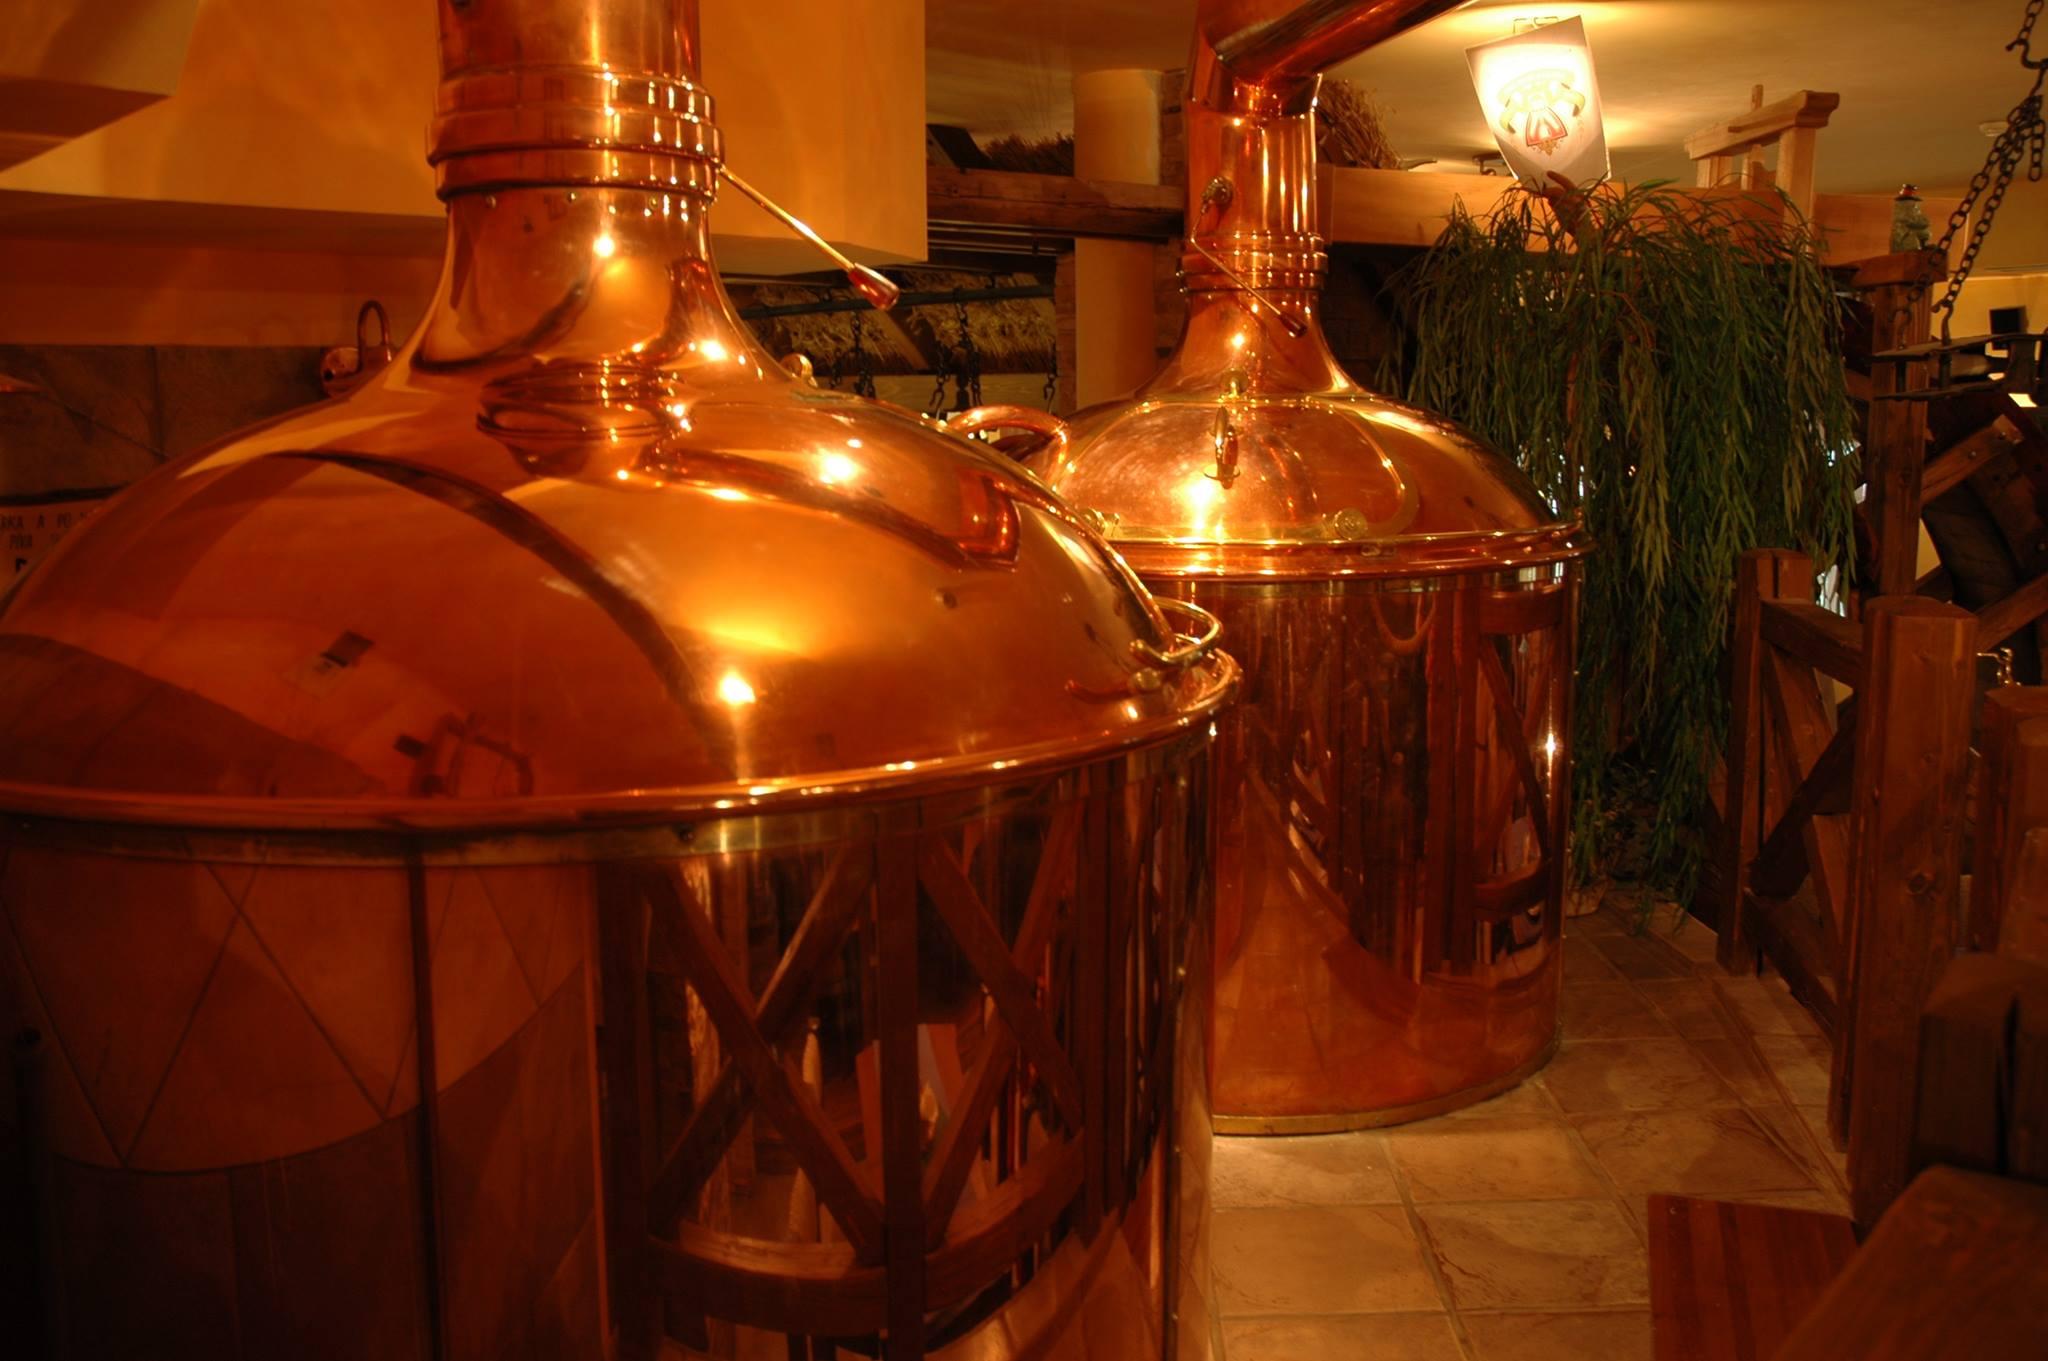 Pivovar Jelínkova vila - Harrach